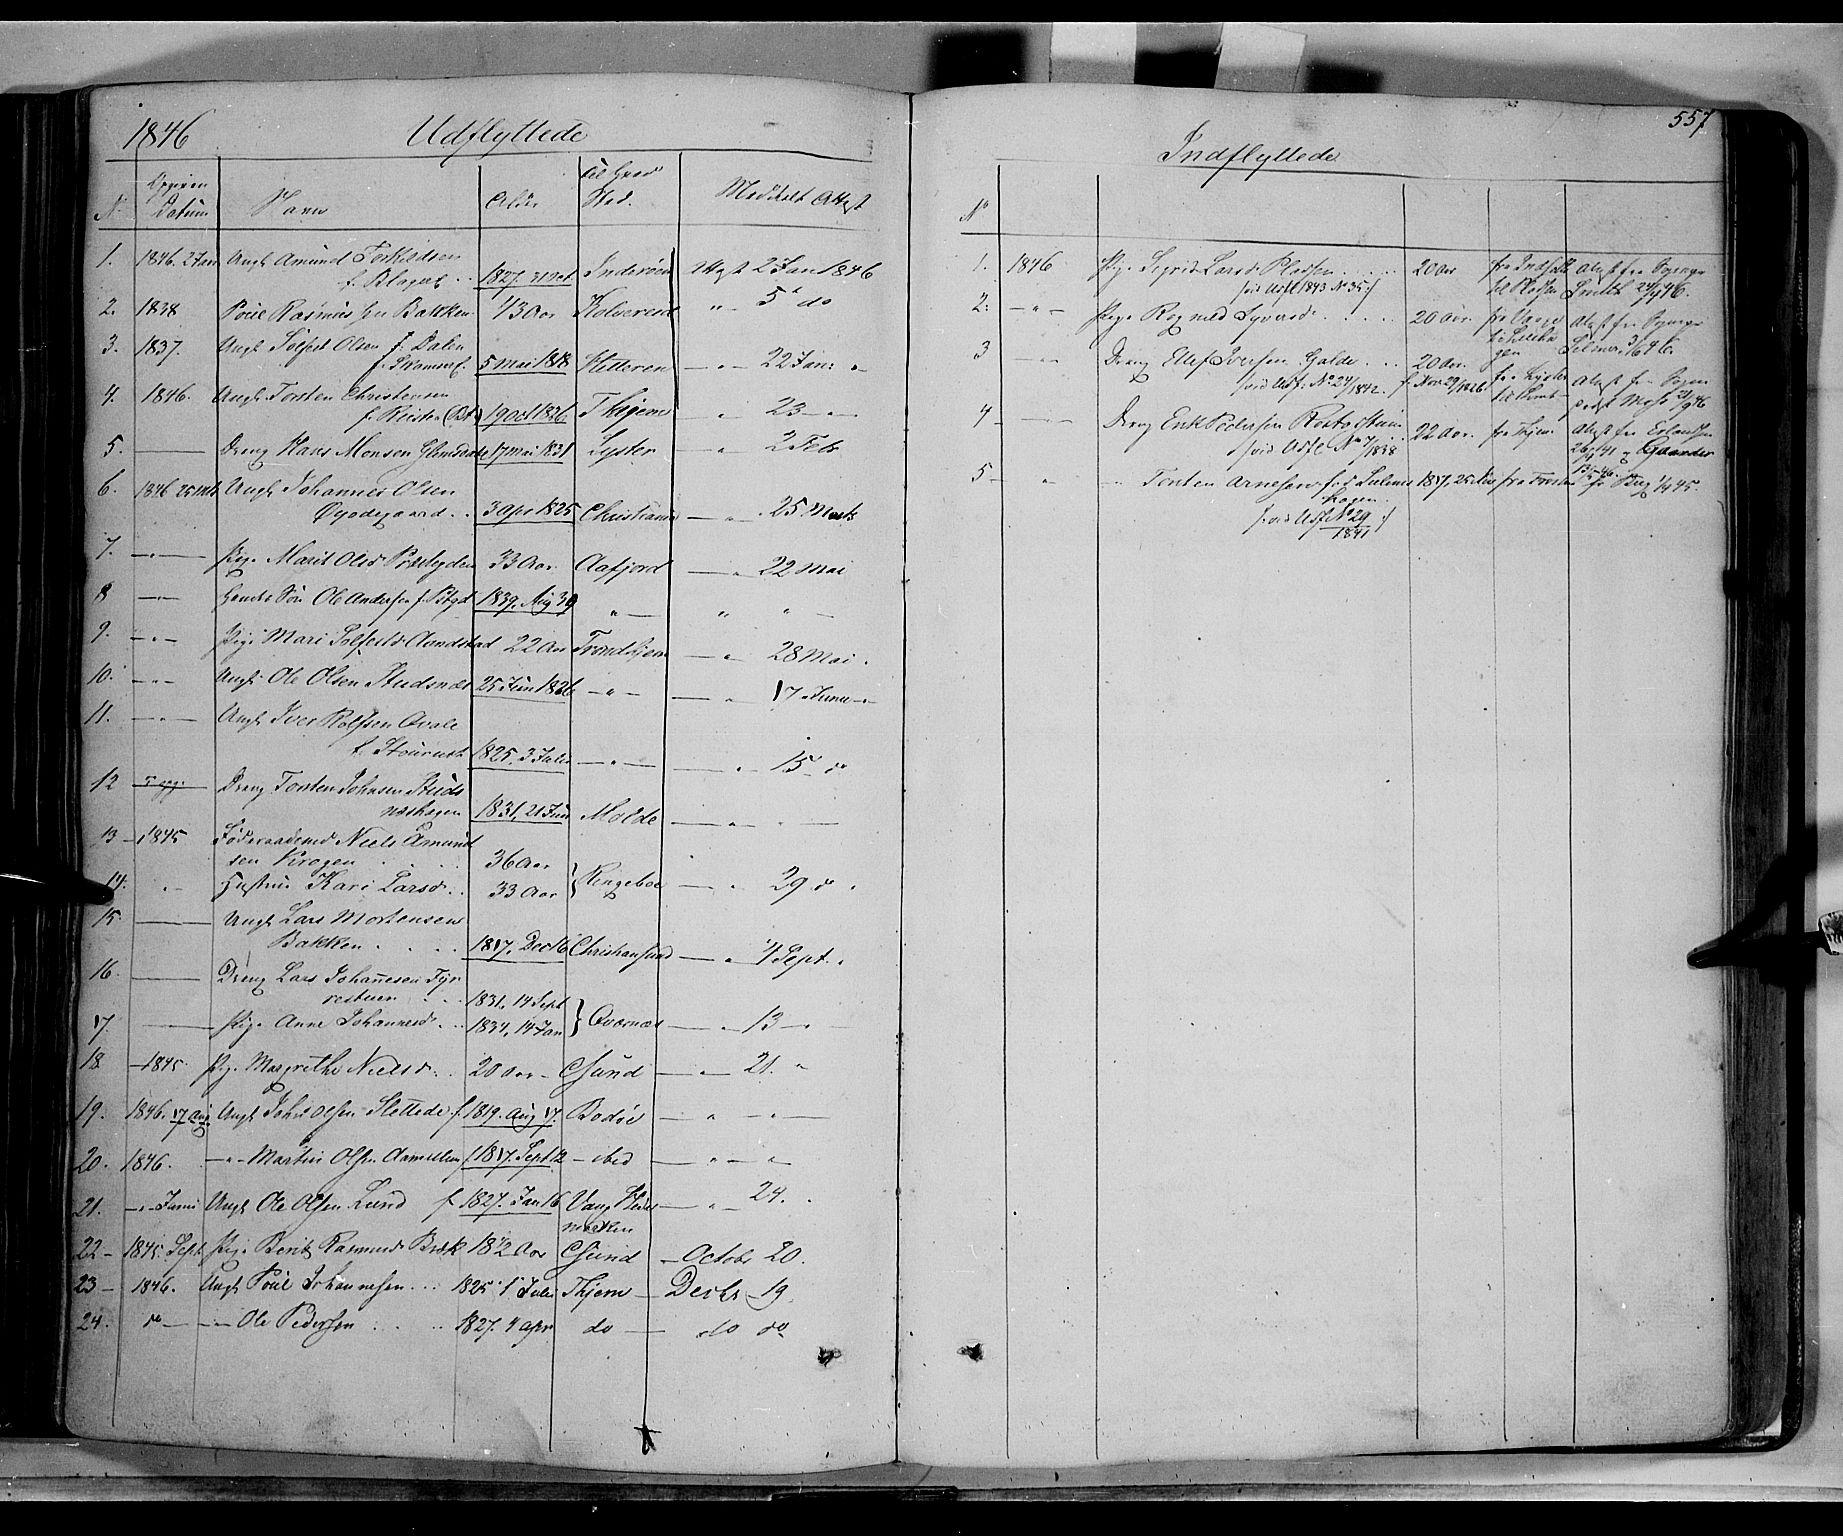 SAH, Lom prestekontor, K/L0006: Ministerialbok nr. 6B, 1837-1863, s. 557